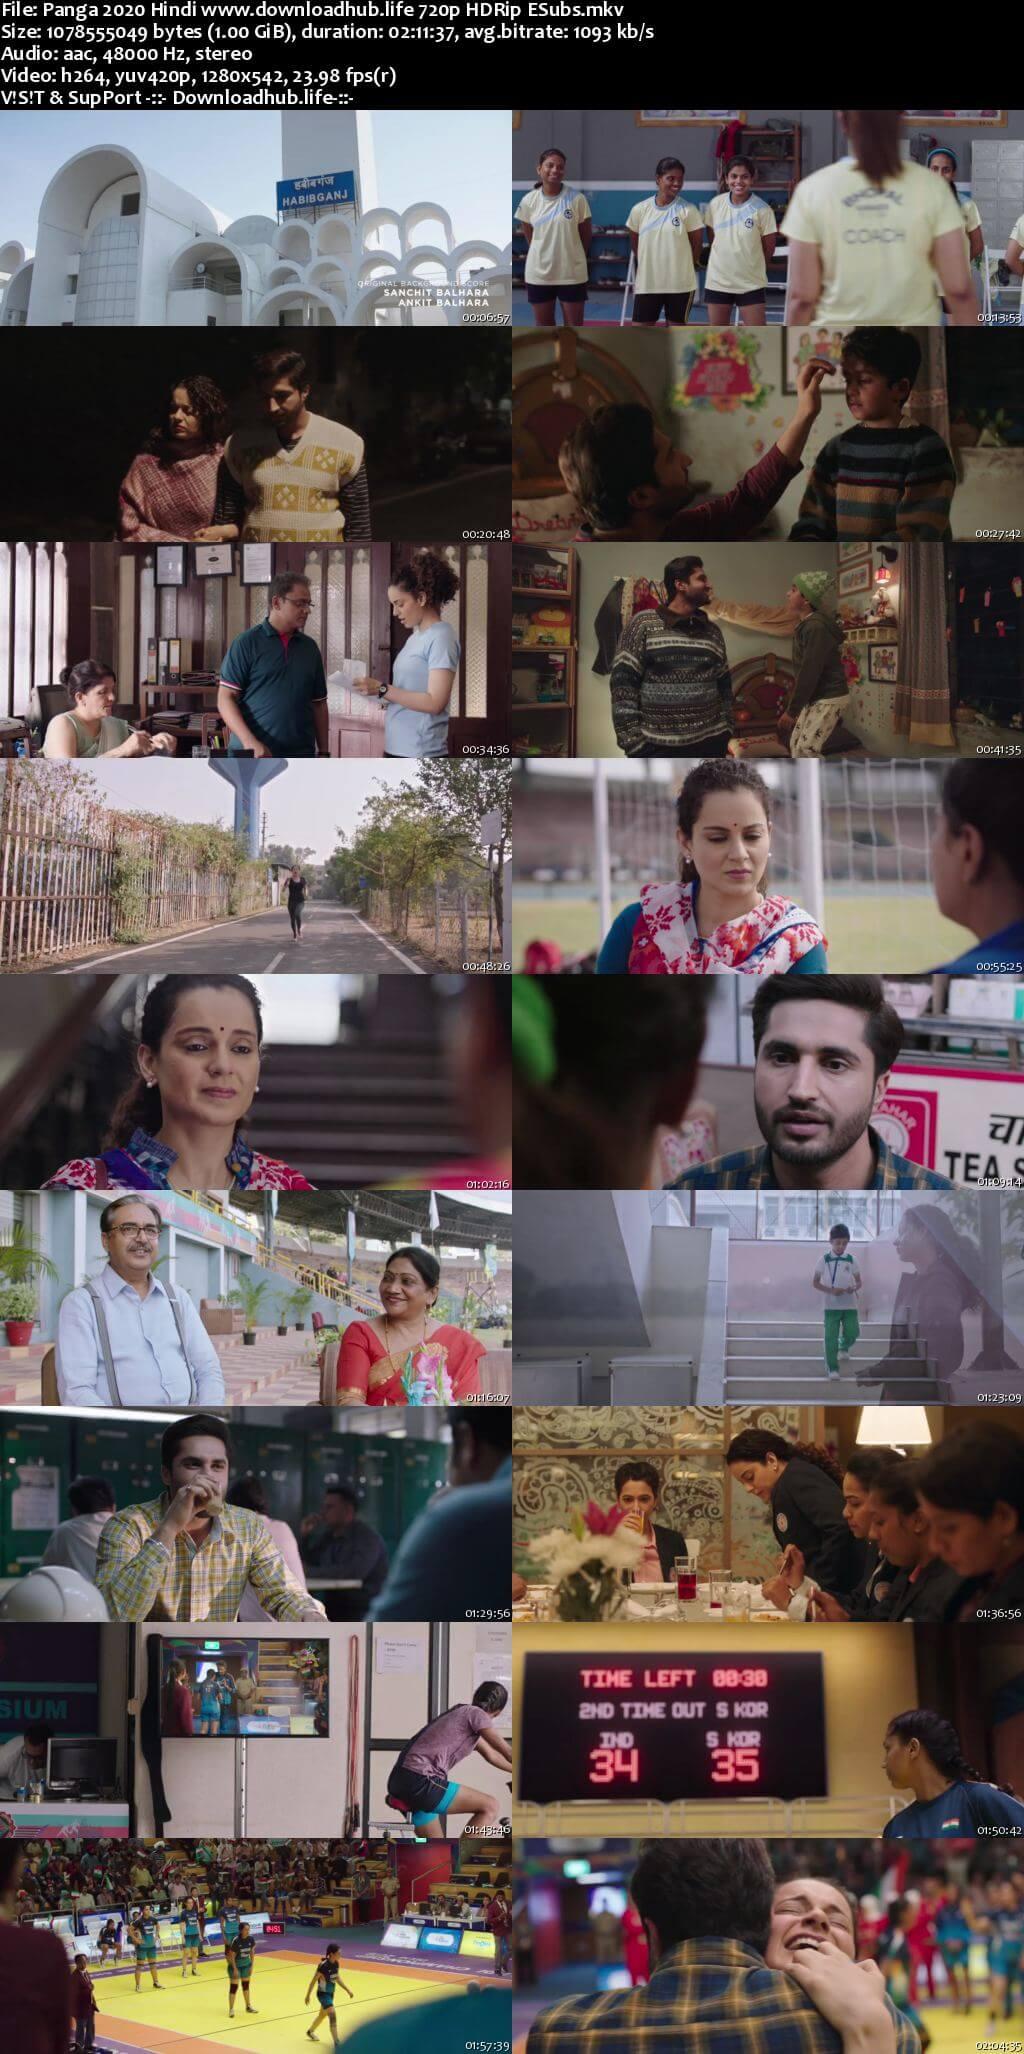 Panga 2020 Hindi 720p HDRip ESubs